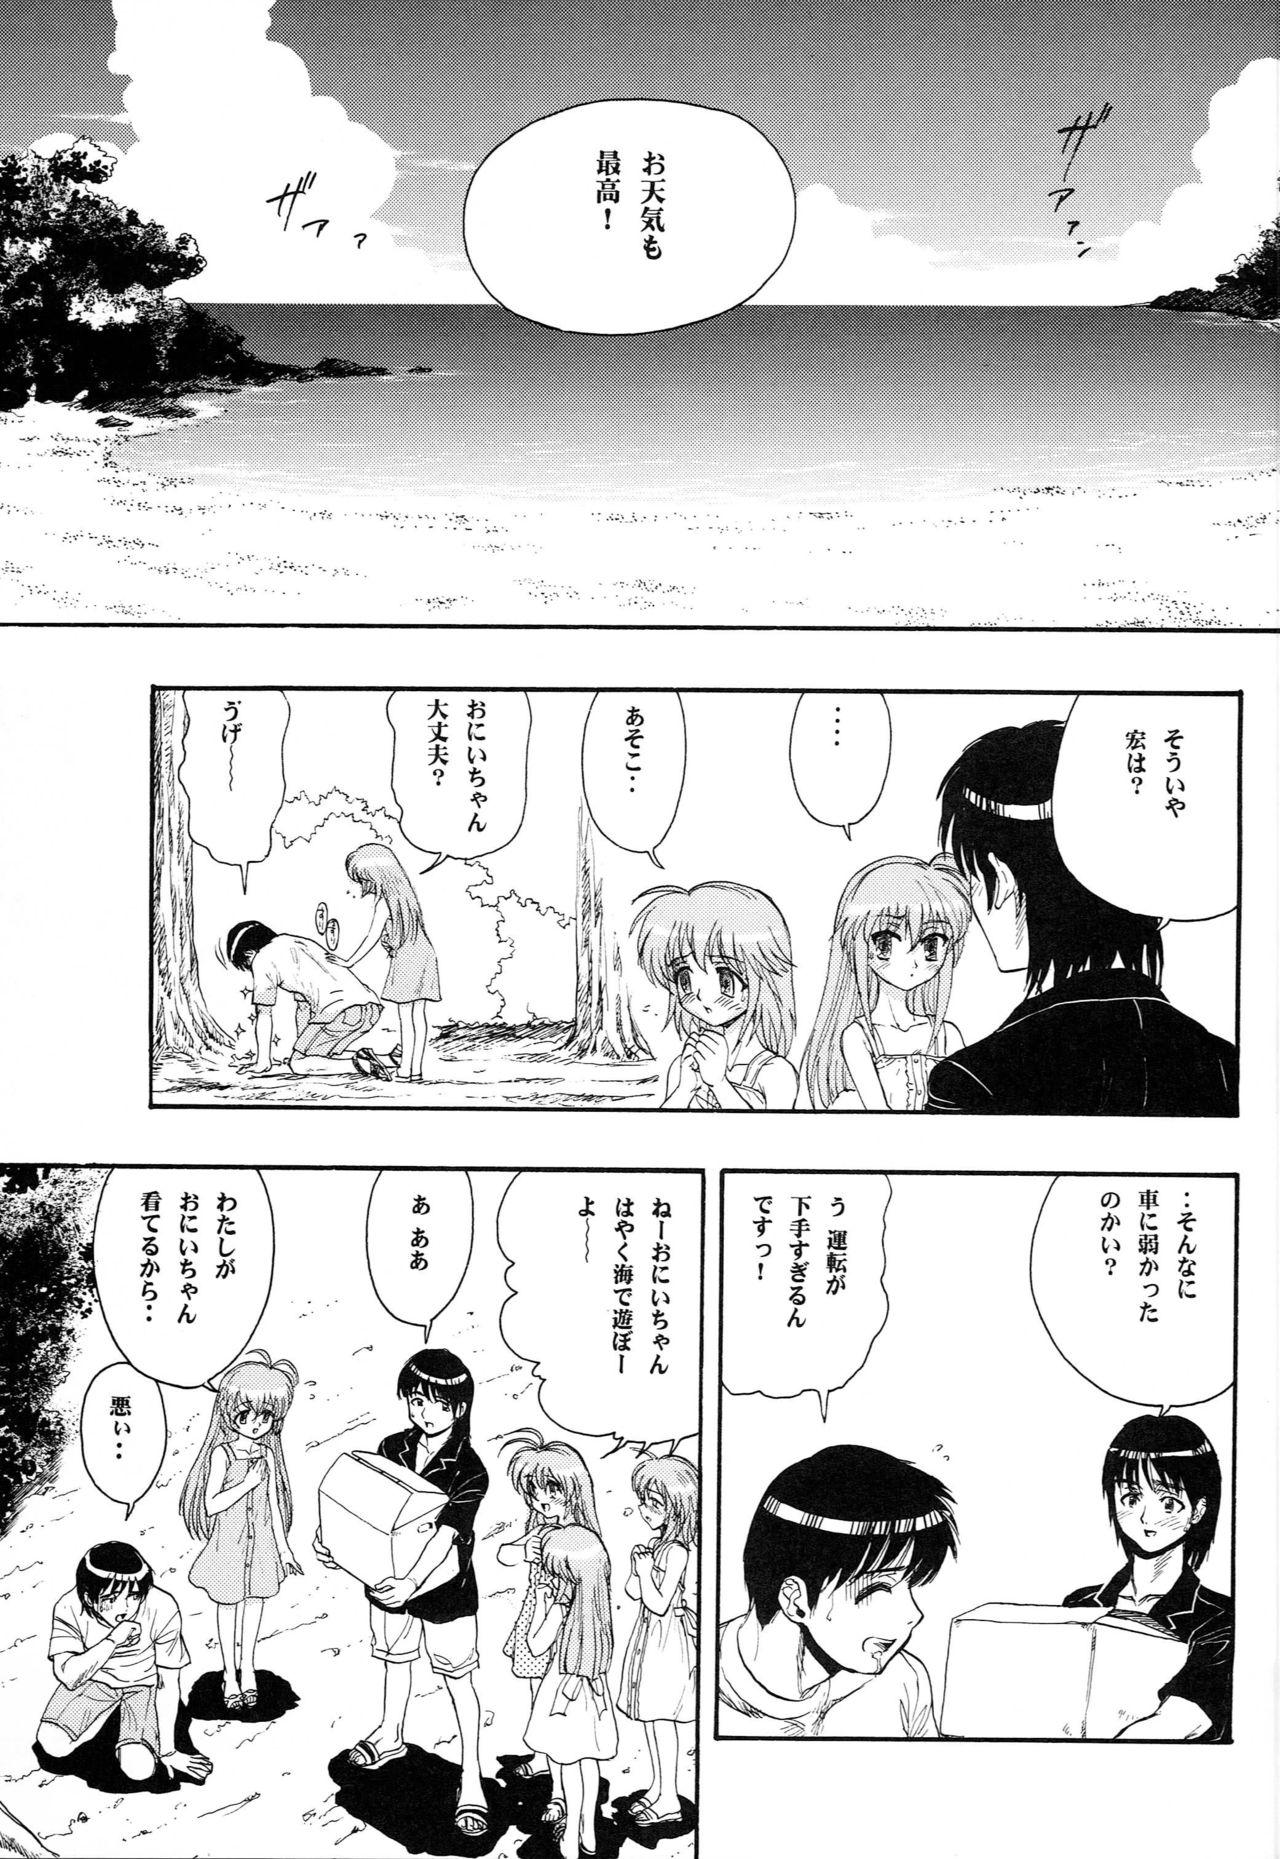 Hajimete no Naisho 3